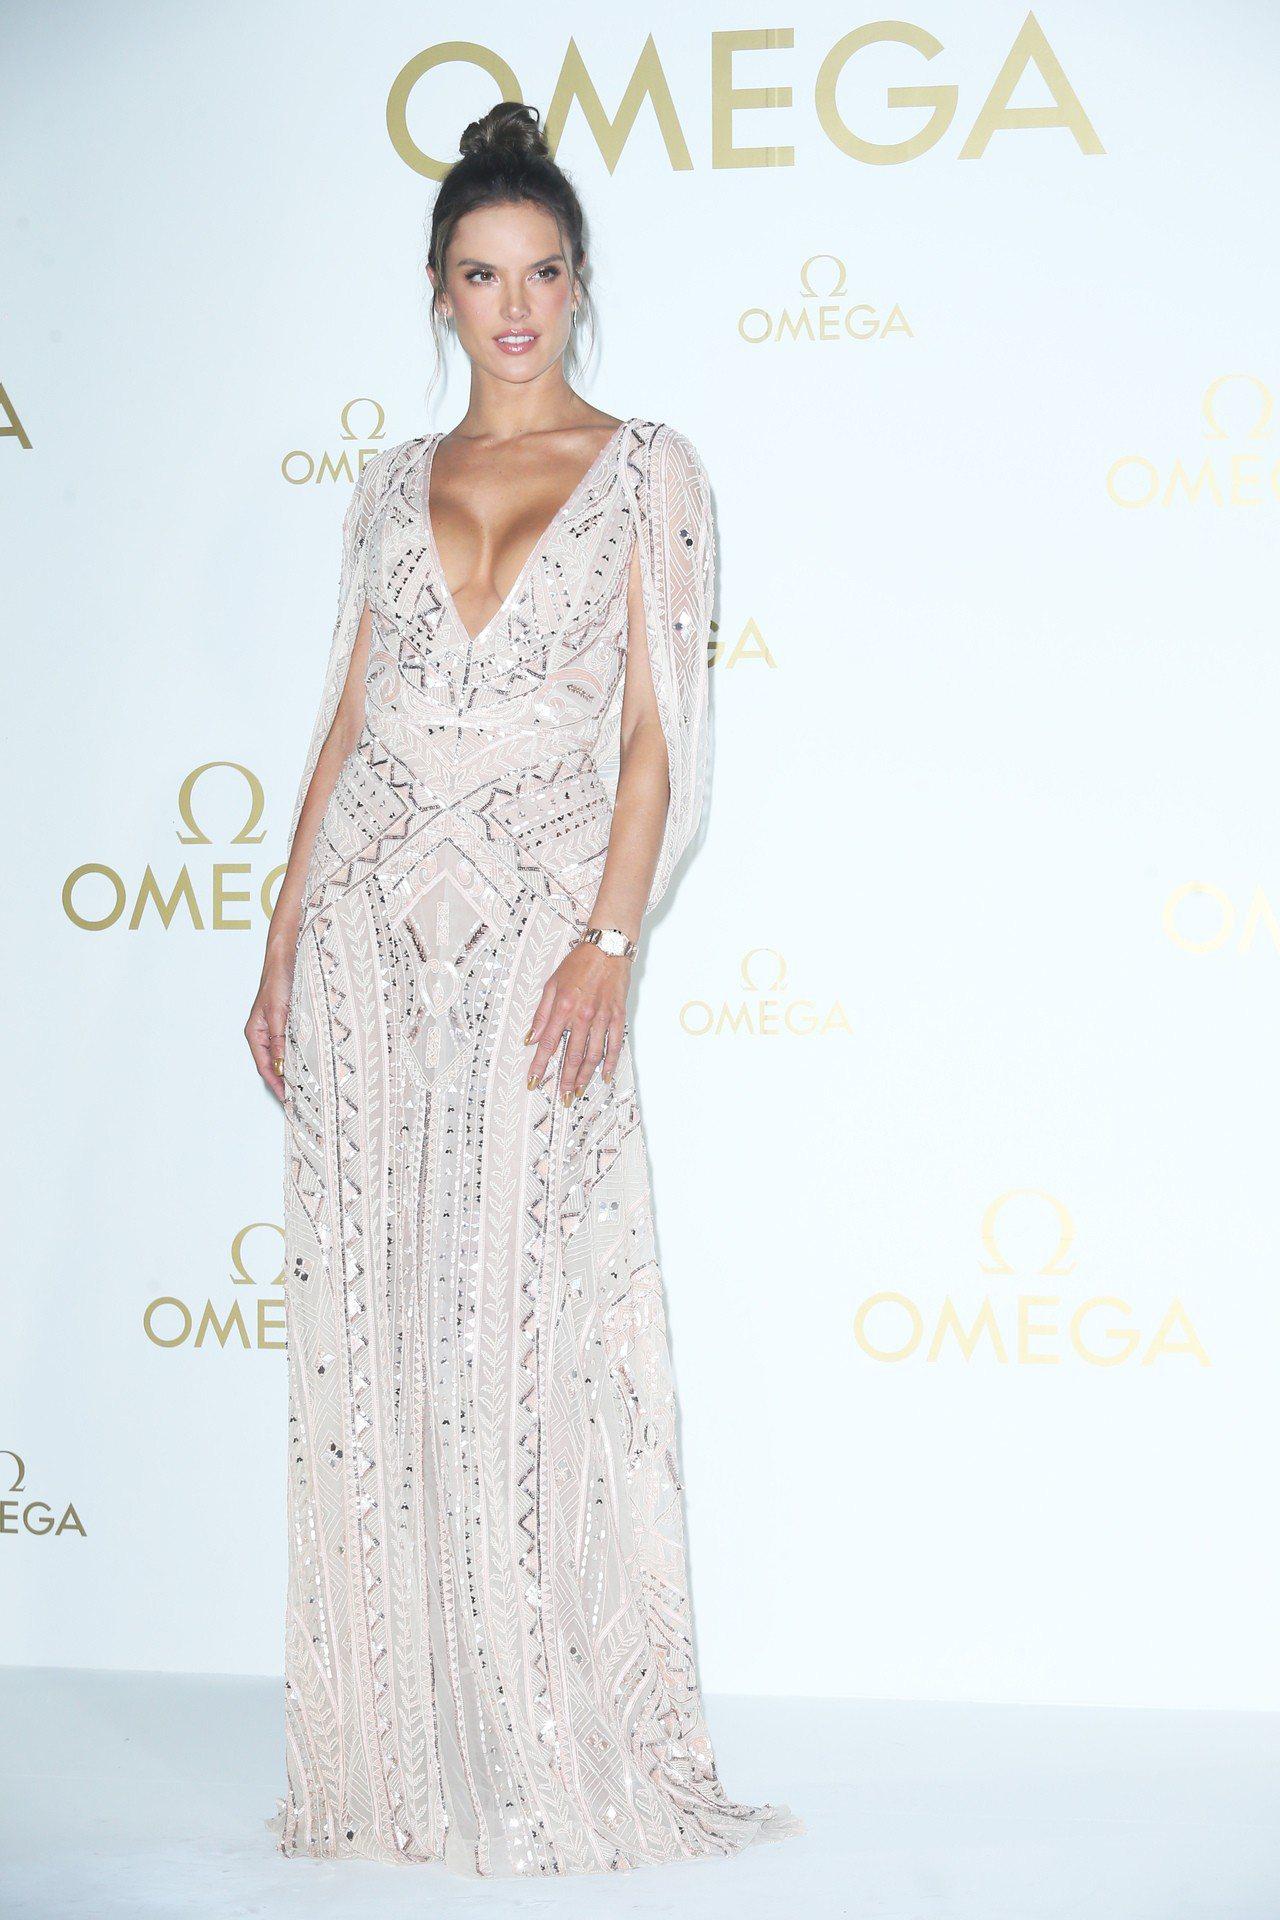 超模Alessandra Ambrosio換上低胸貼身剪裁的象牙鑲幾何亮片禮服,...